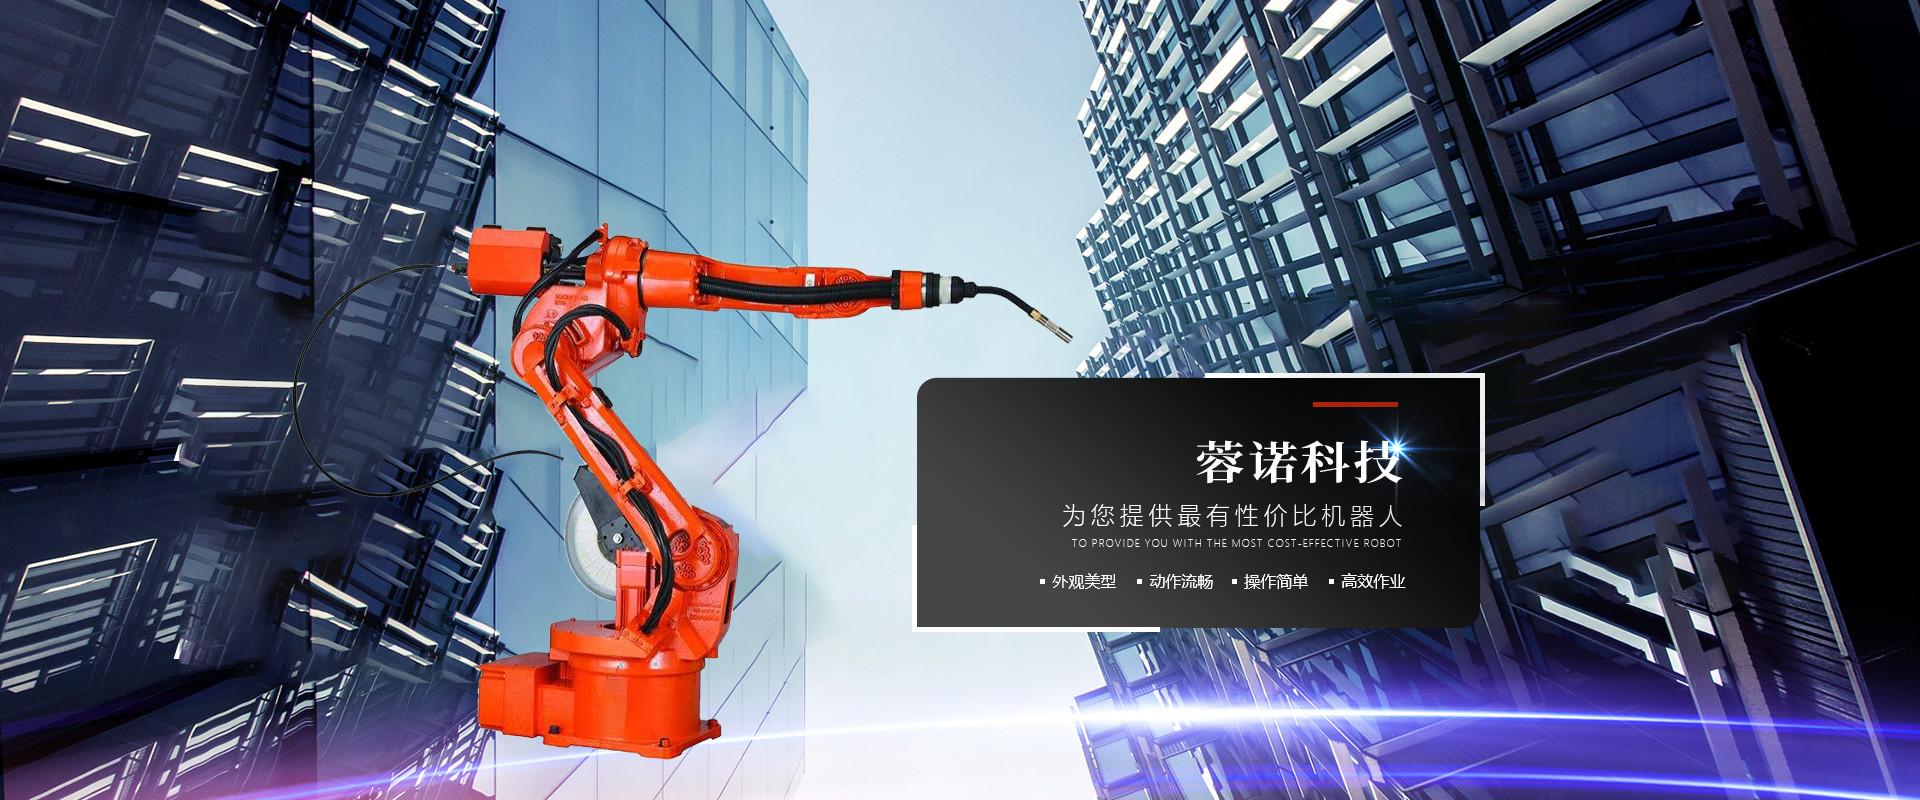 乐驰LORCH焊机_钎焊机相关-四川蓉诺科技有限公司